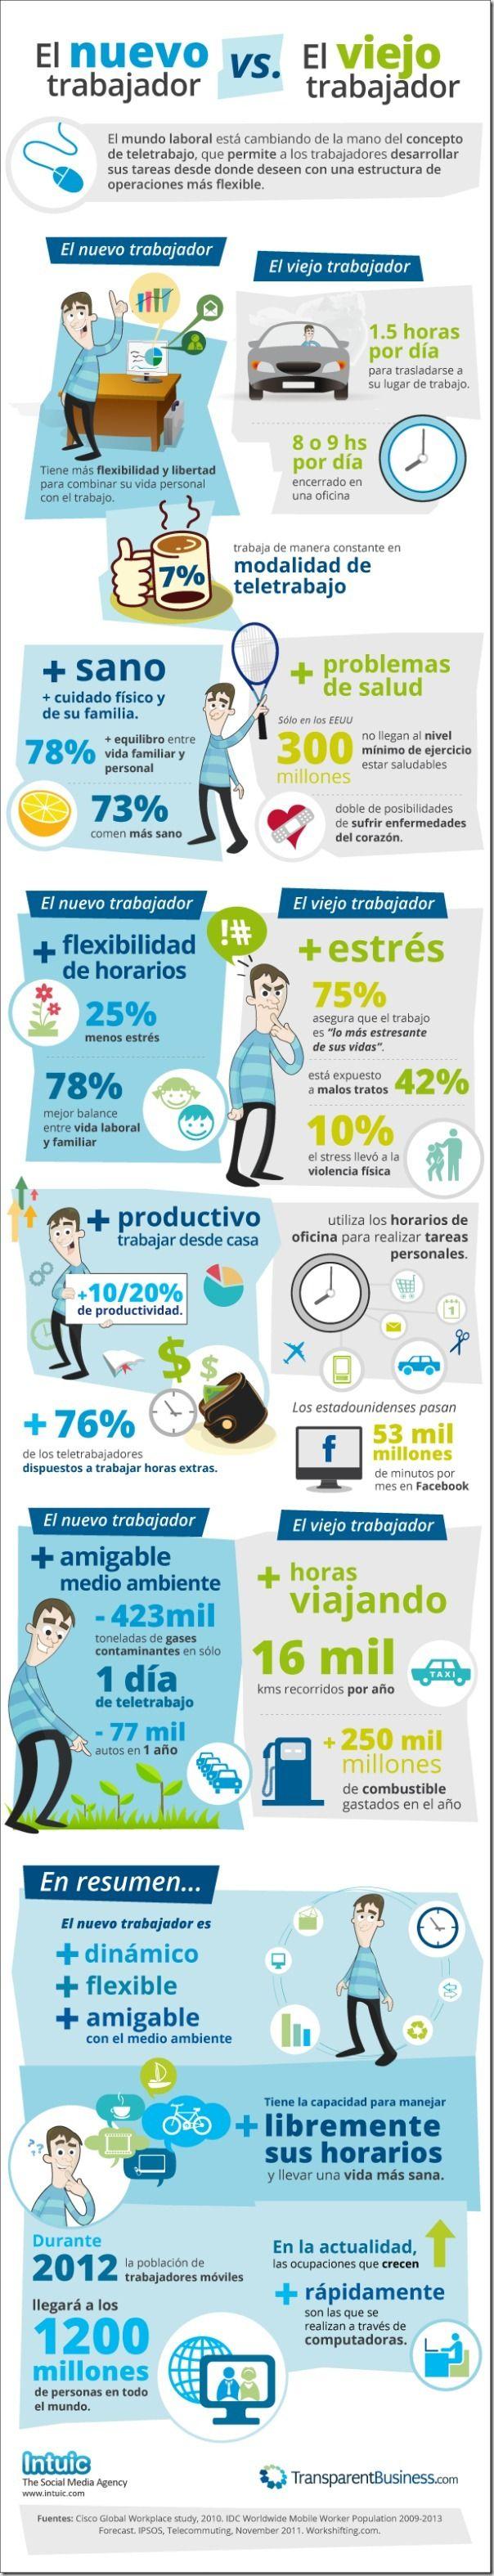 Una infografía sobre las diferencias entre el nuevo y viejo trabajador y como el teletrabajo cambia el mundo laboral y de los empleos. tags: Infografía, RRHH, internet, tic, trabajo, empleo.